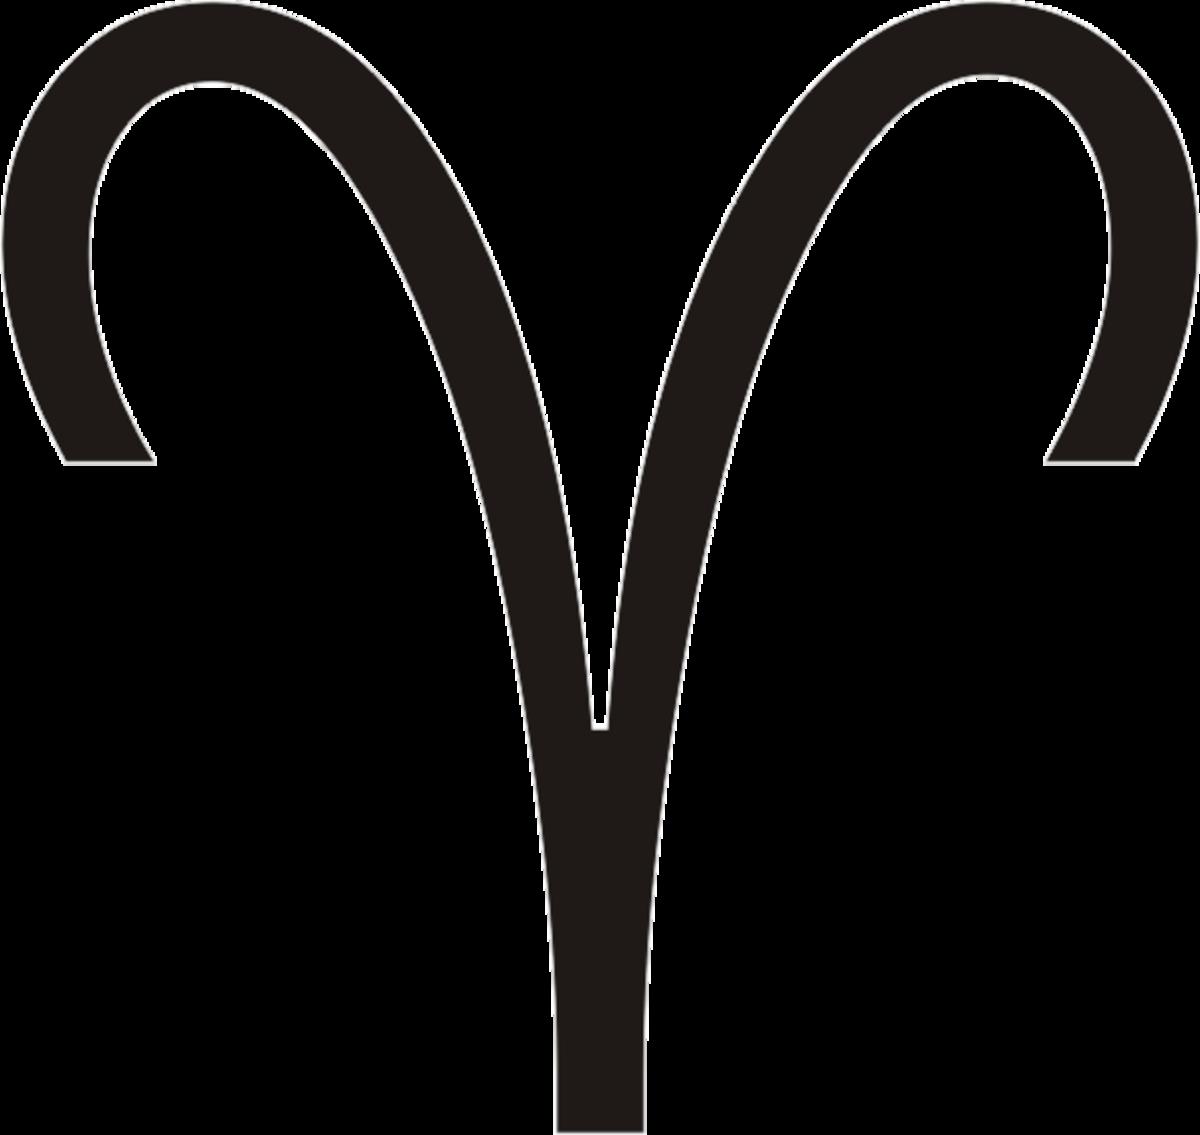 Aries Sun Virgo Moon Combinations   HubPages